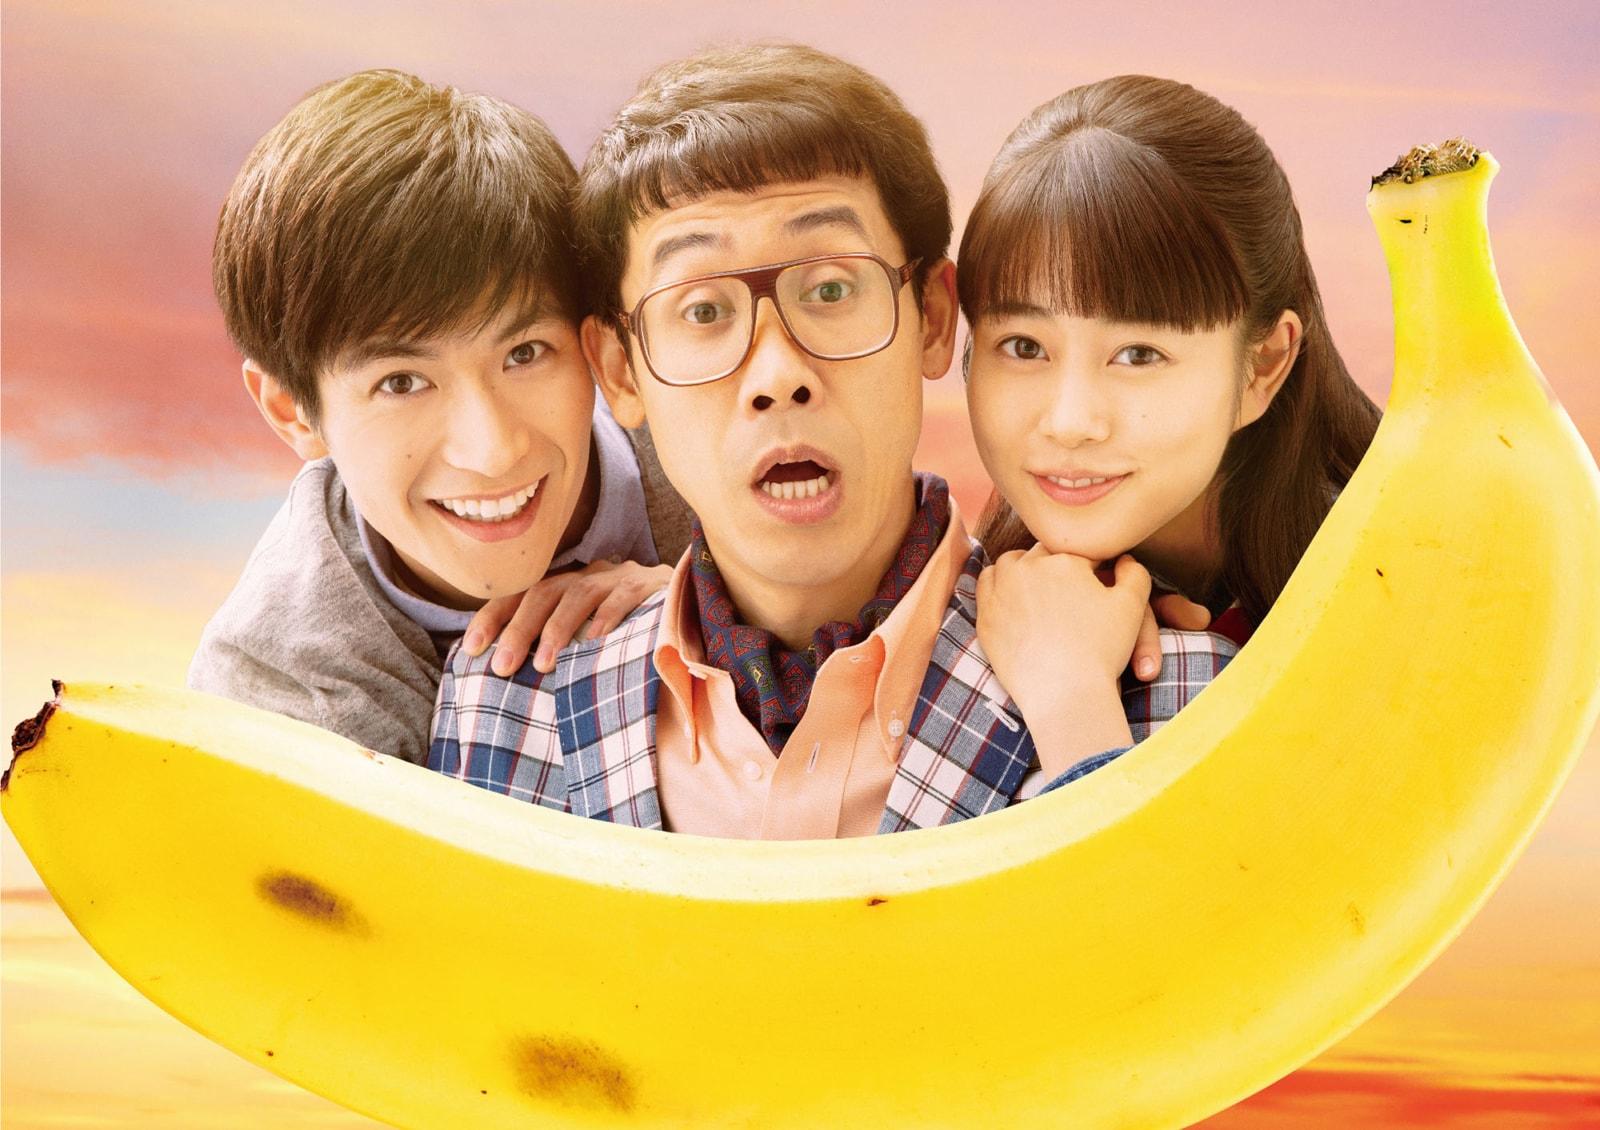 (写真について)©︎2018『こんな夜更けにバナナかよ 愛しき実話』製作委員会